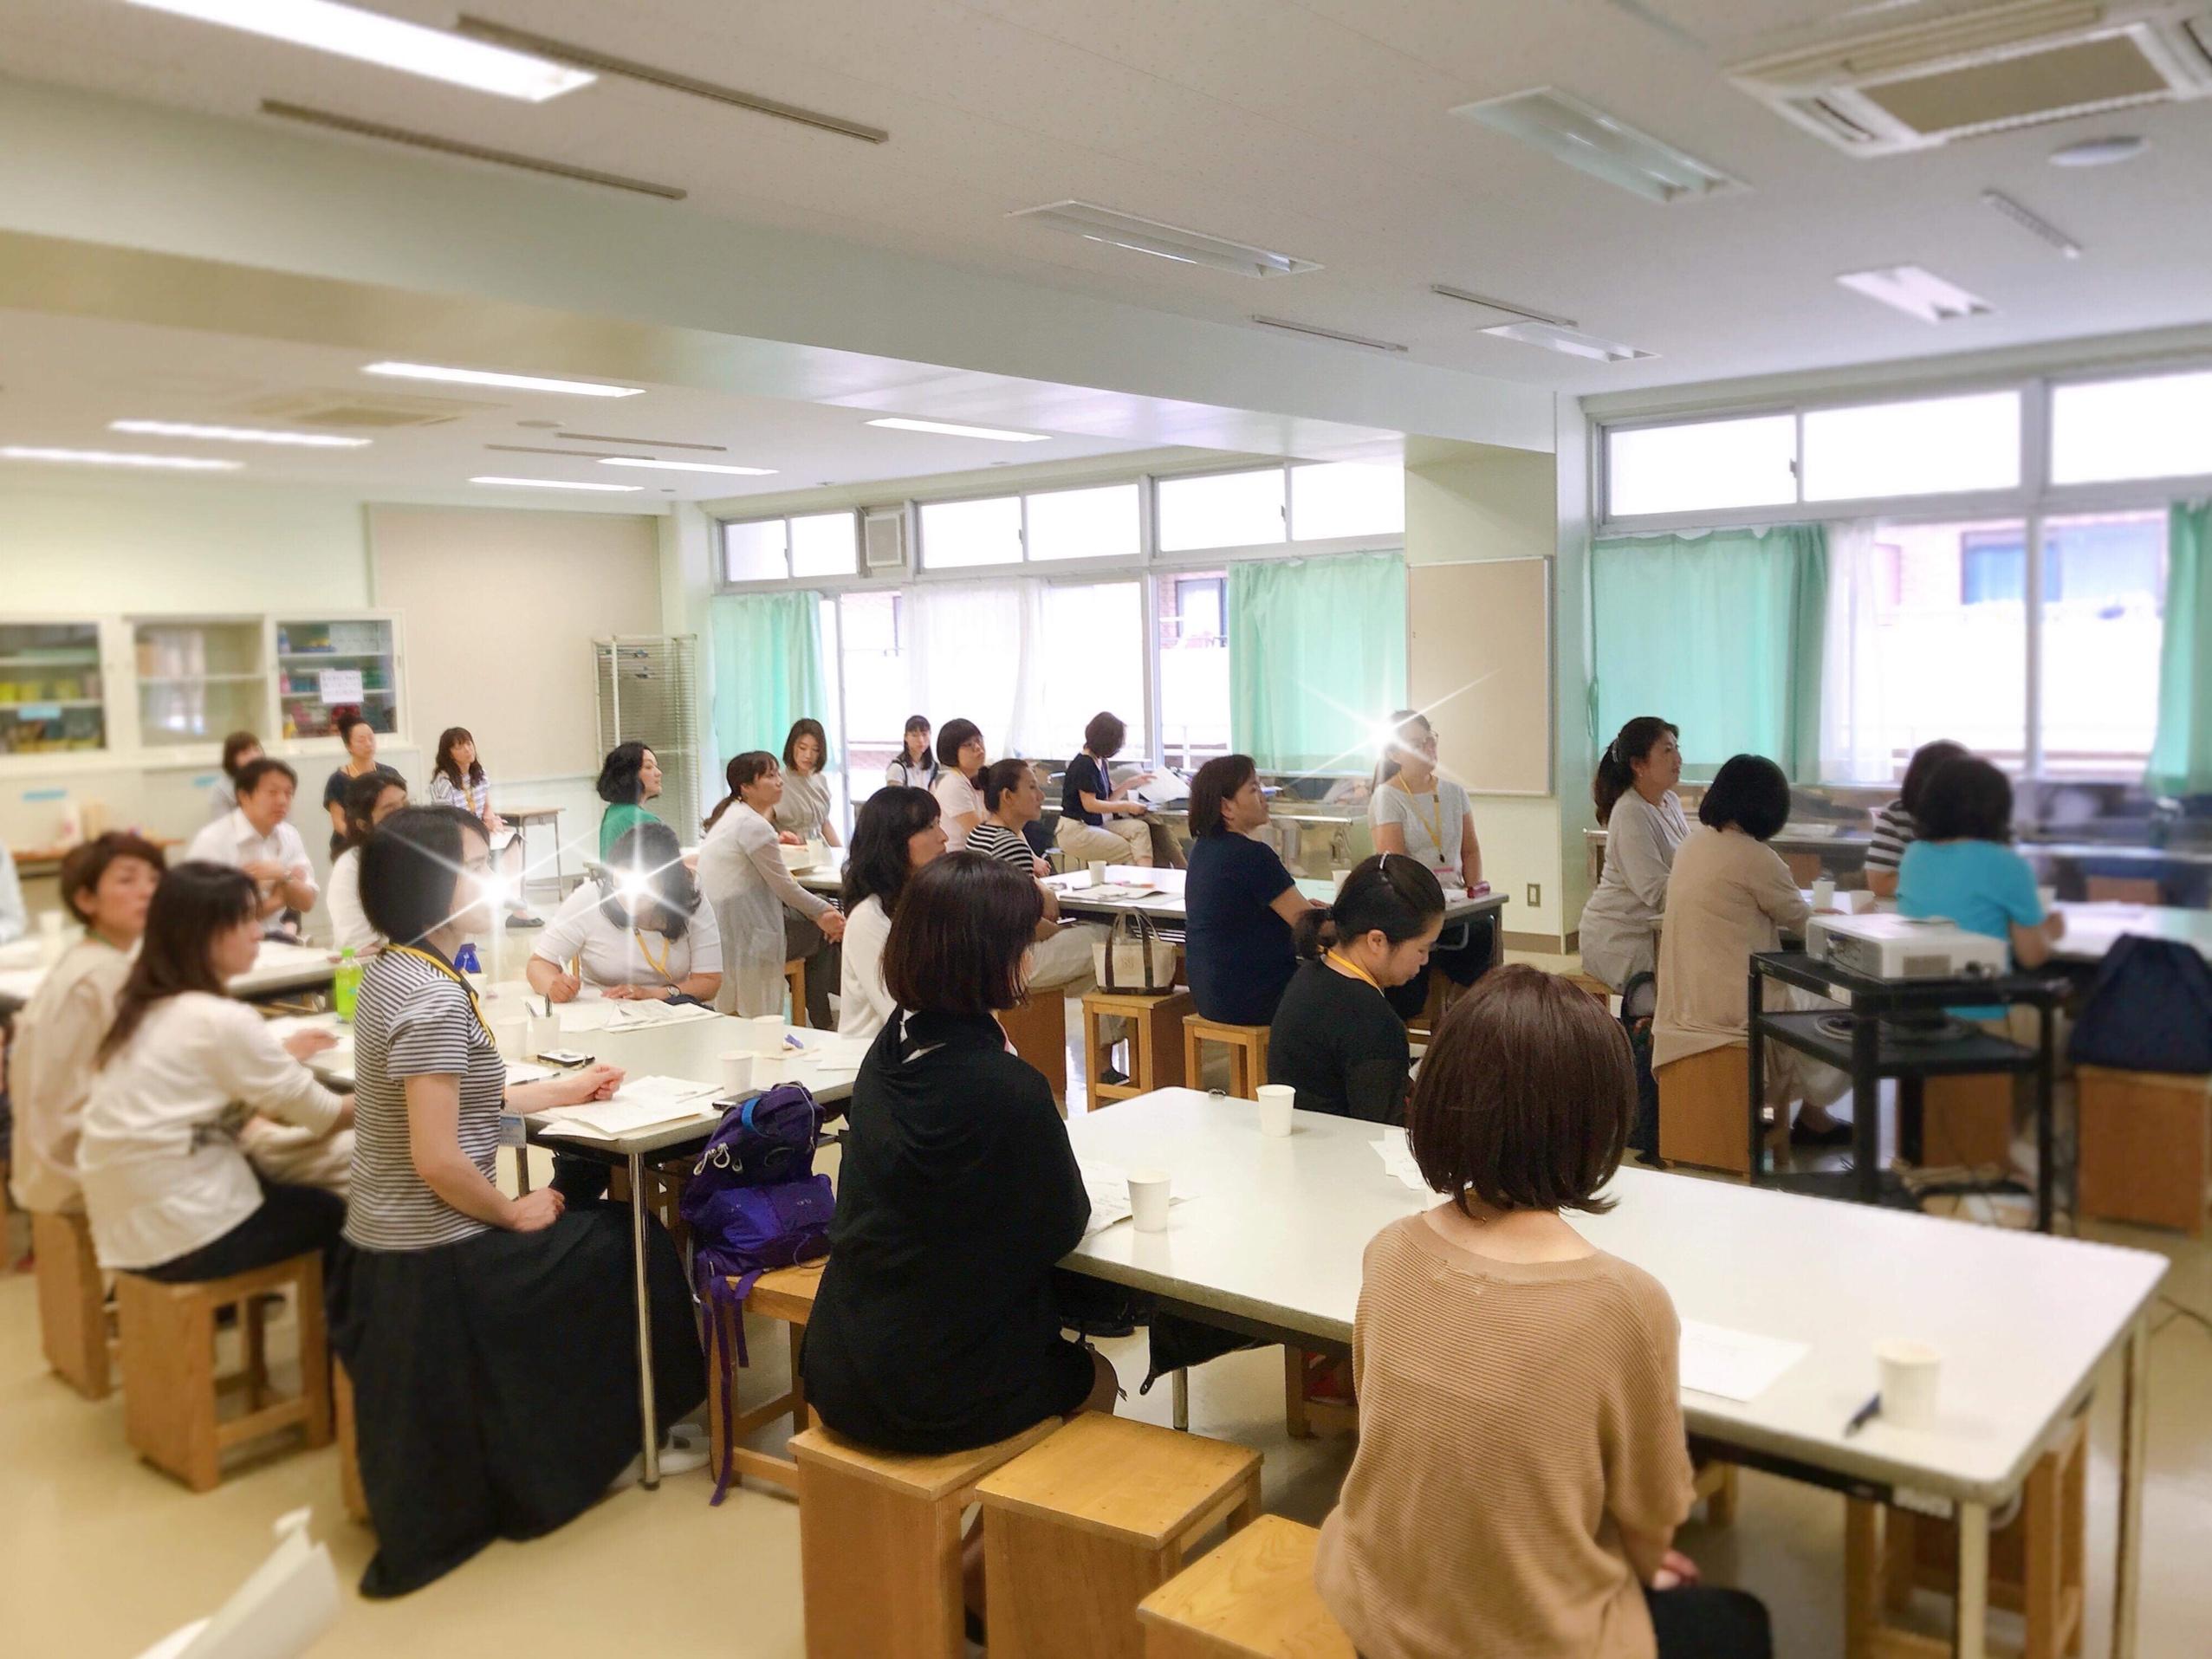 横浜市公立小学校でのPTA講座「お金が貯まってお家が片付くコツ」を受講される方の様子